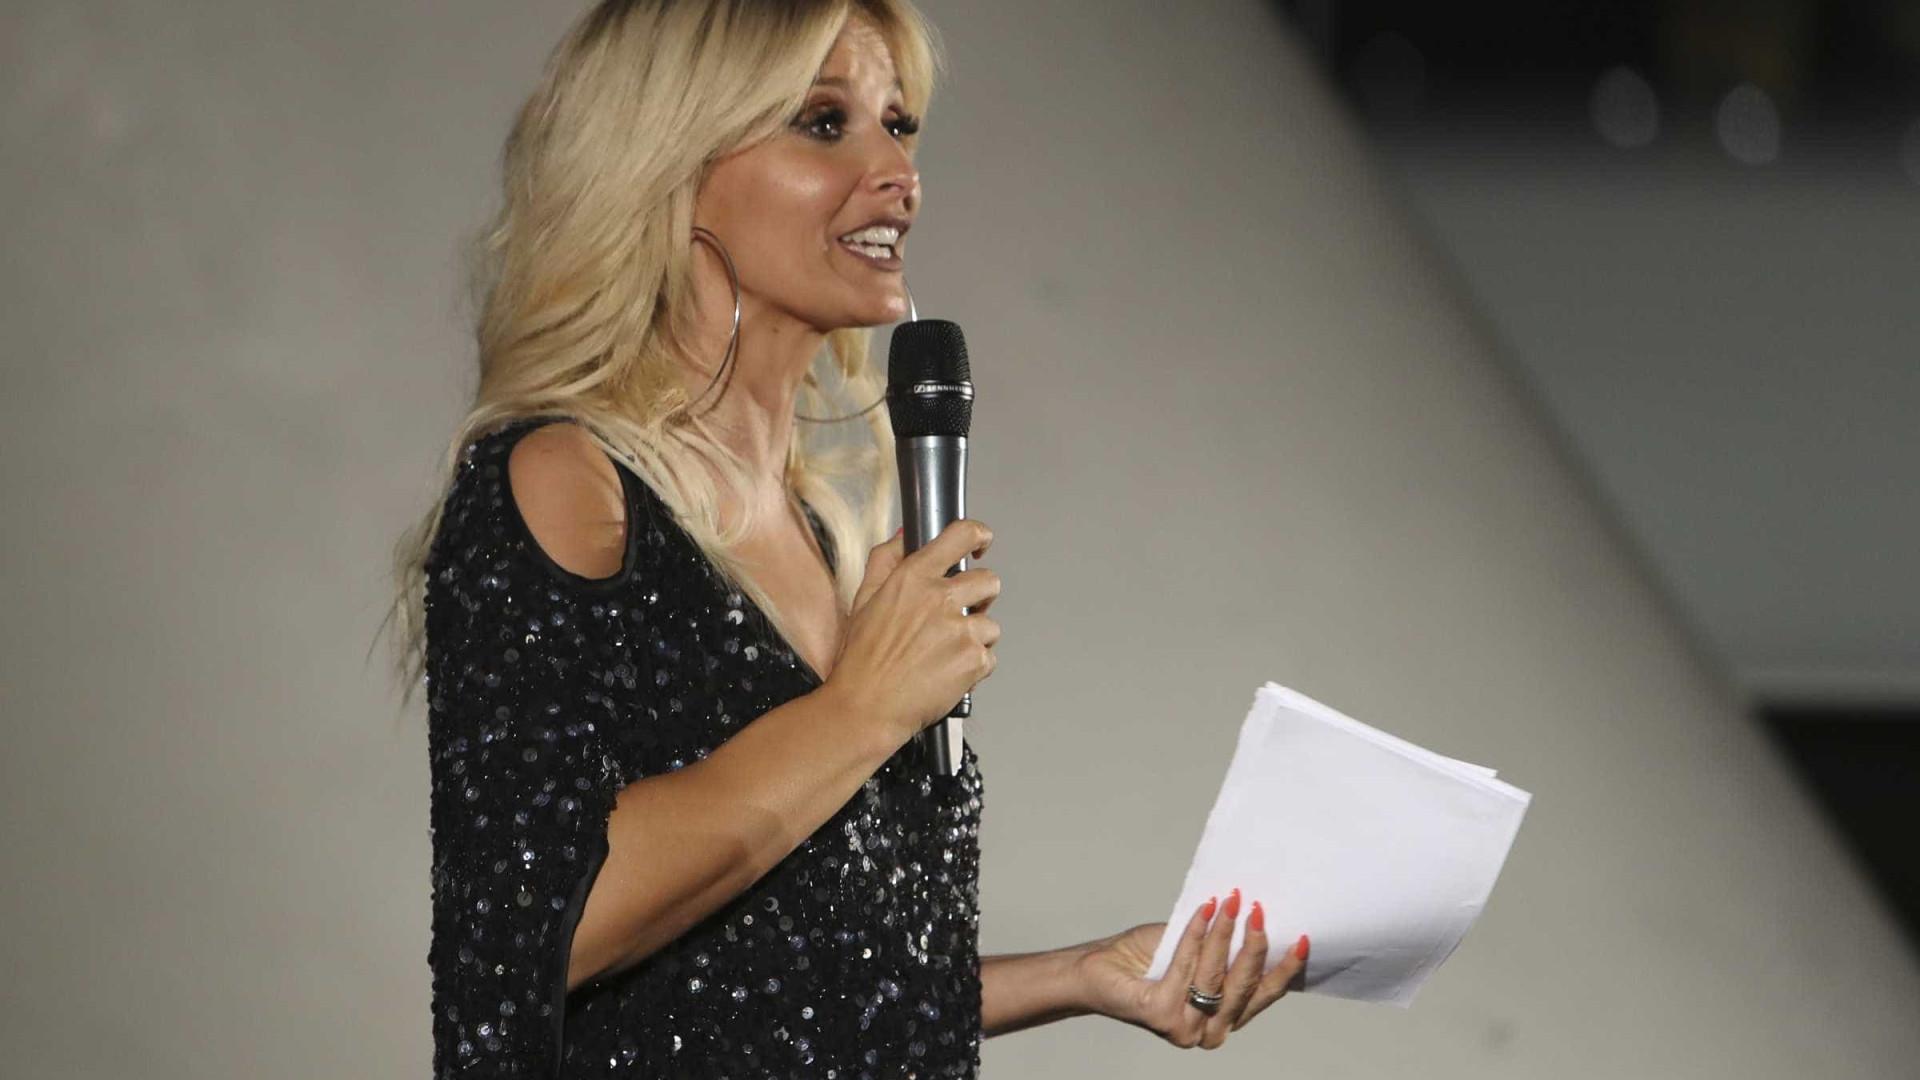 Cristina Ferreira 'agita' Instagram após polémica de Bruno de Carvalho